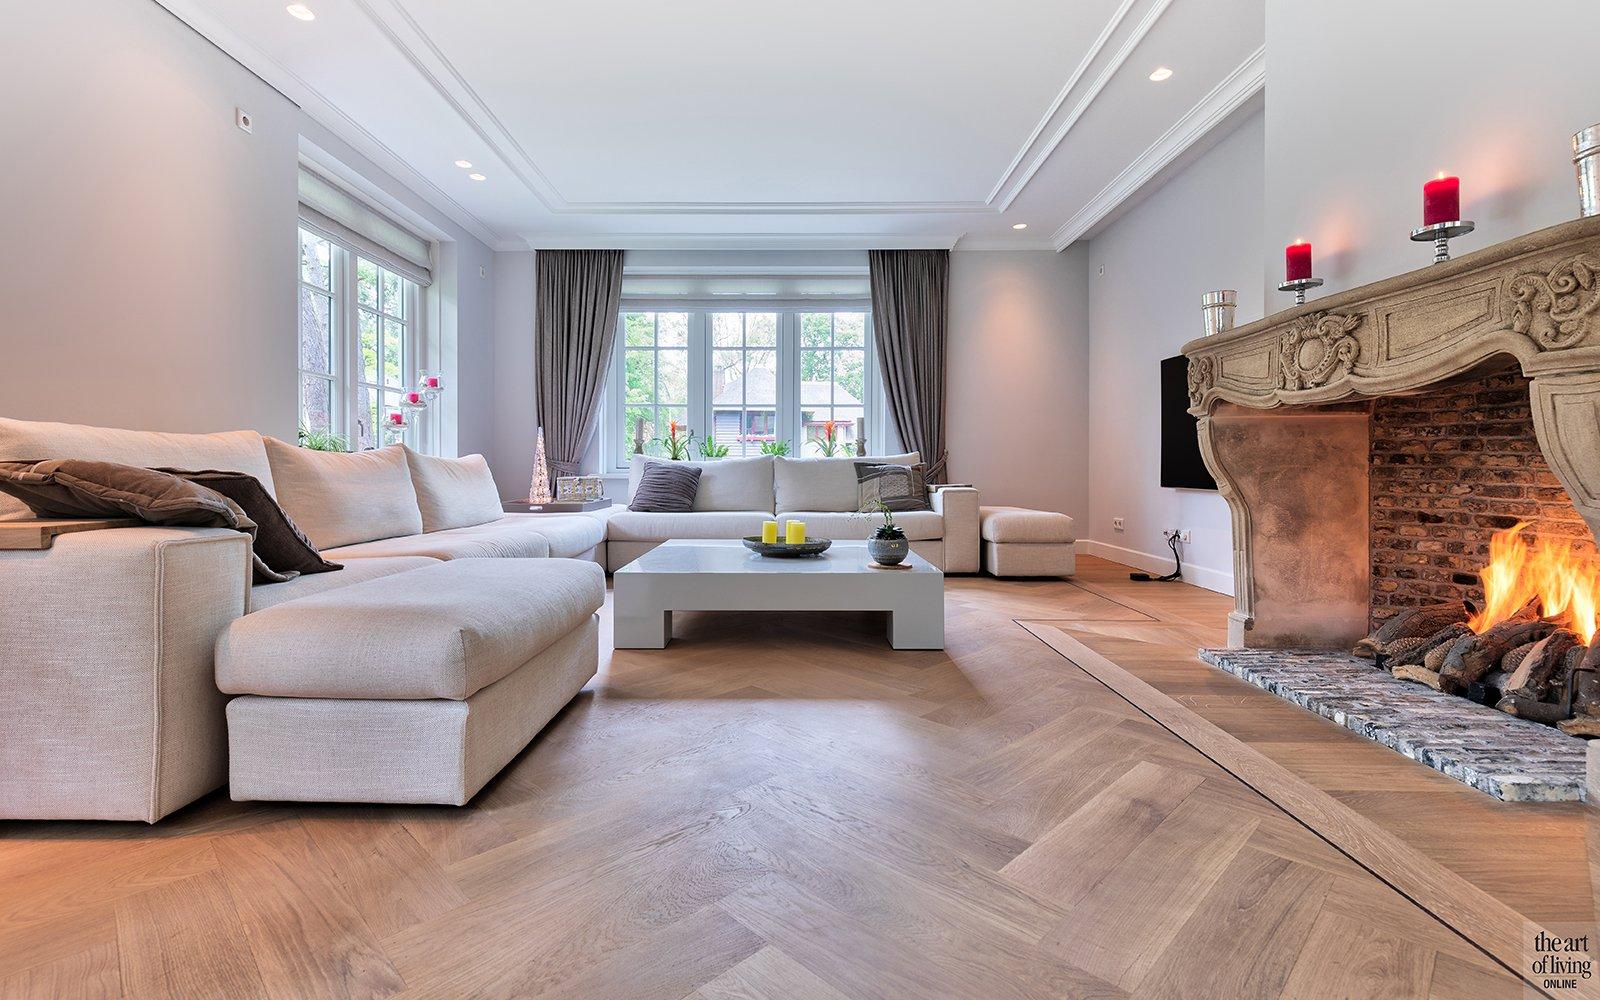 Minimalistische woonkamer gerealiseerd door Architectenburo Berkein en Interieurarchitect Philip Simoen